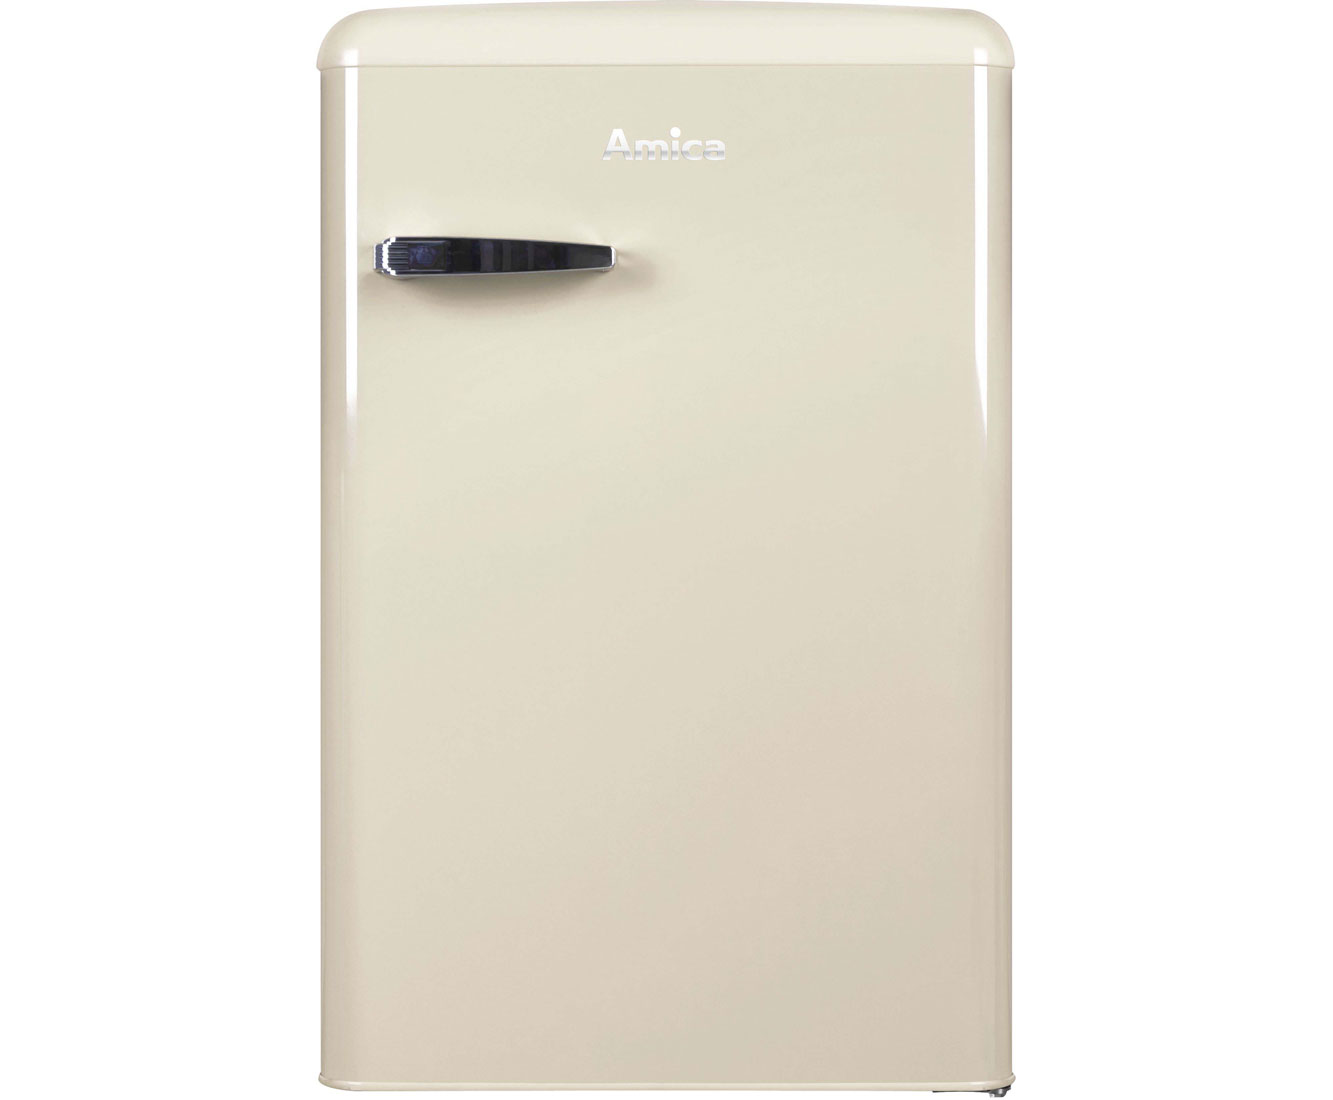 Retro Kühlschrank Yoga : Rabatt preisvergleich.de kühlen & gefrieren u003e kühlen und gefrieren